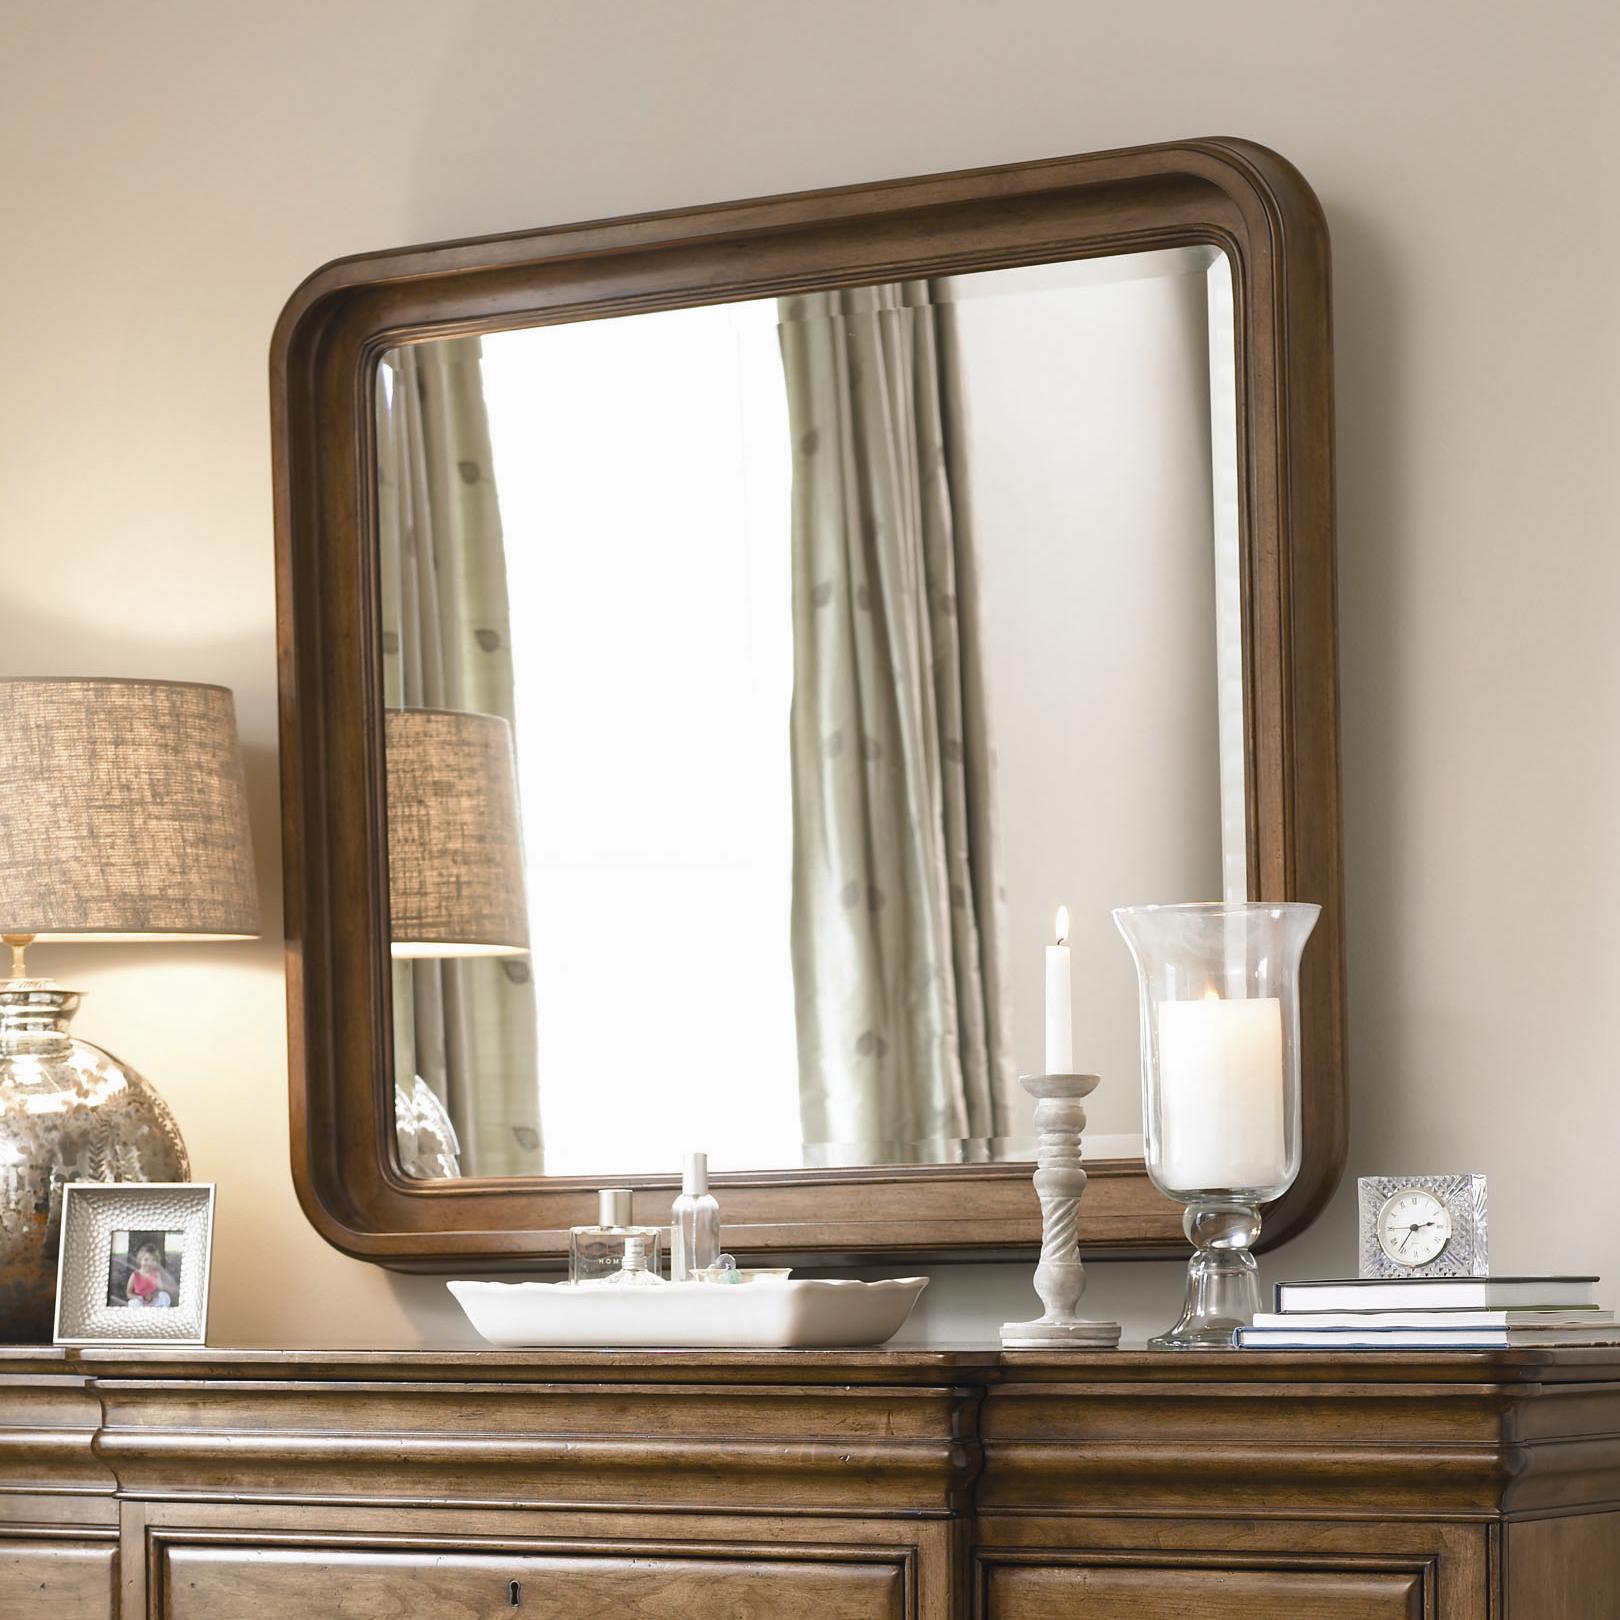 Wittman & Co. Newton Falls Newton Falls Mirror - Item Number: 07104M